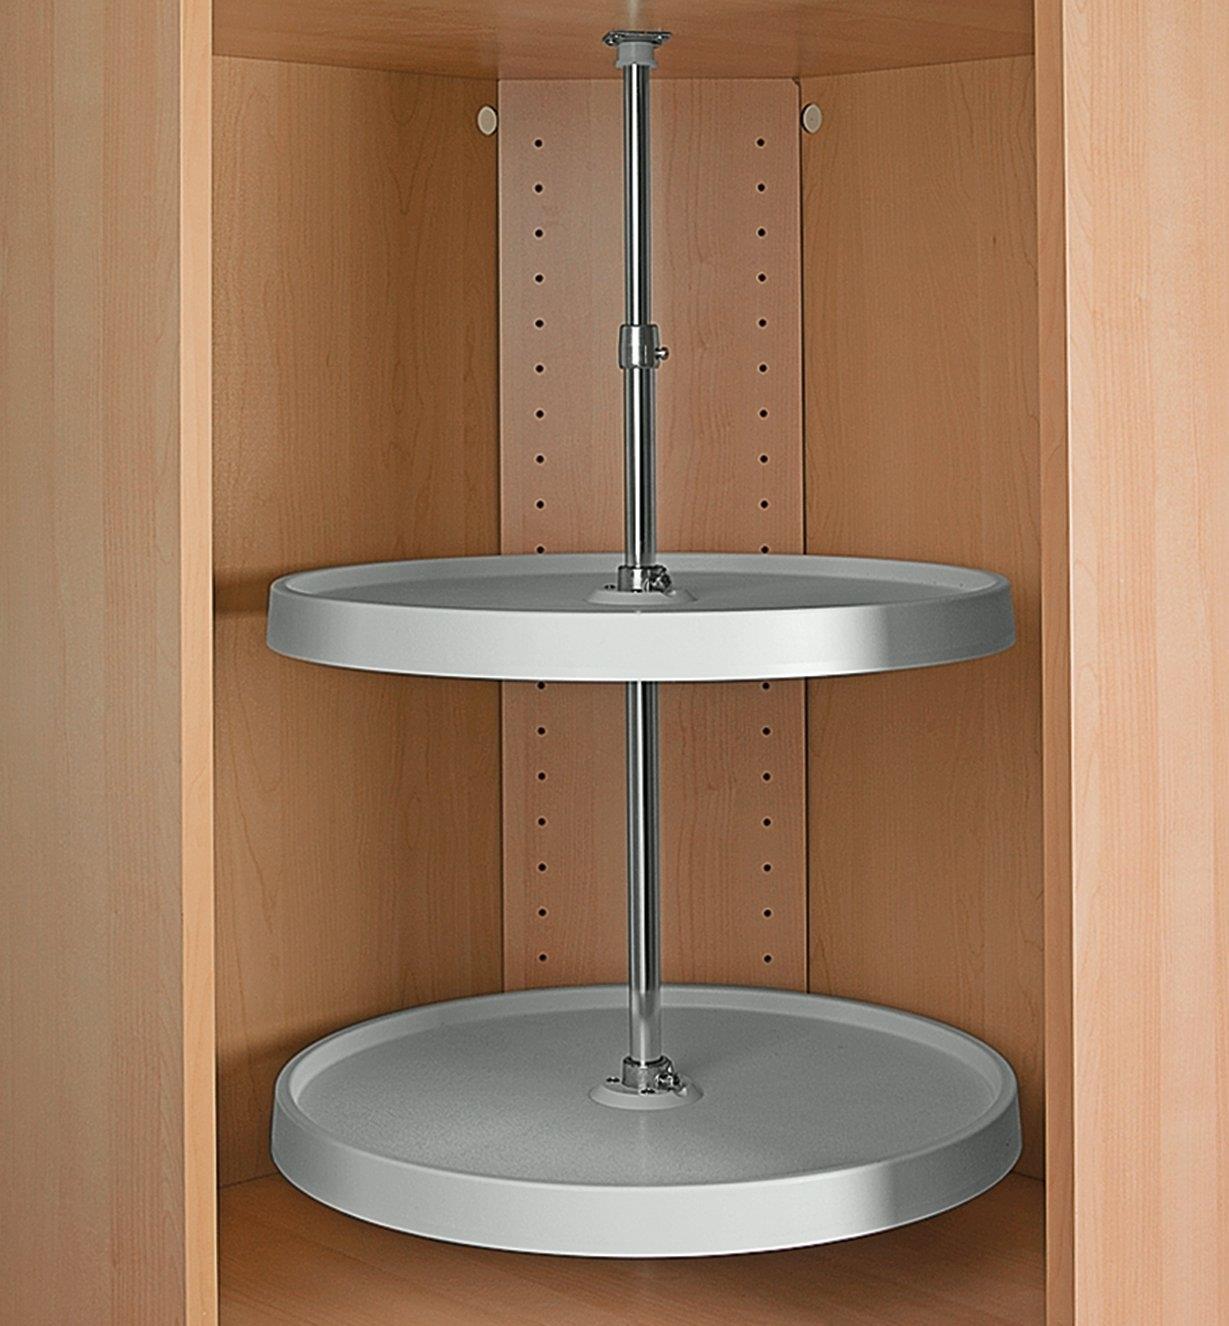 12K7218 - Upper Cabinet Revolving Shelf Set